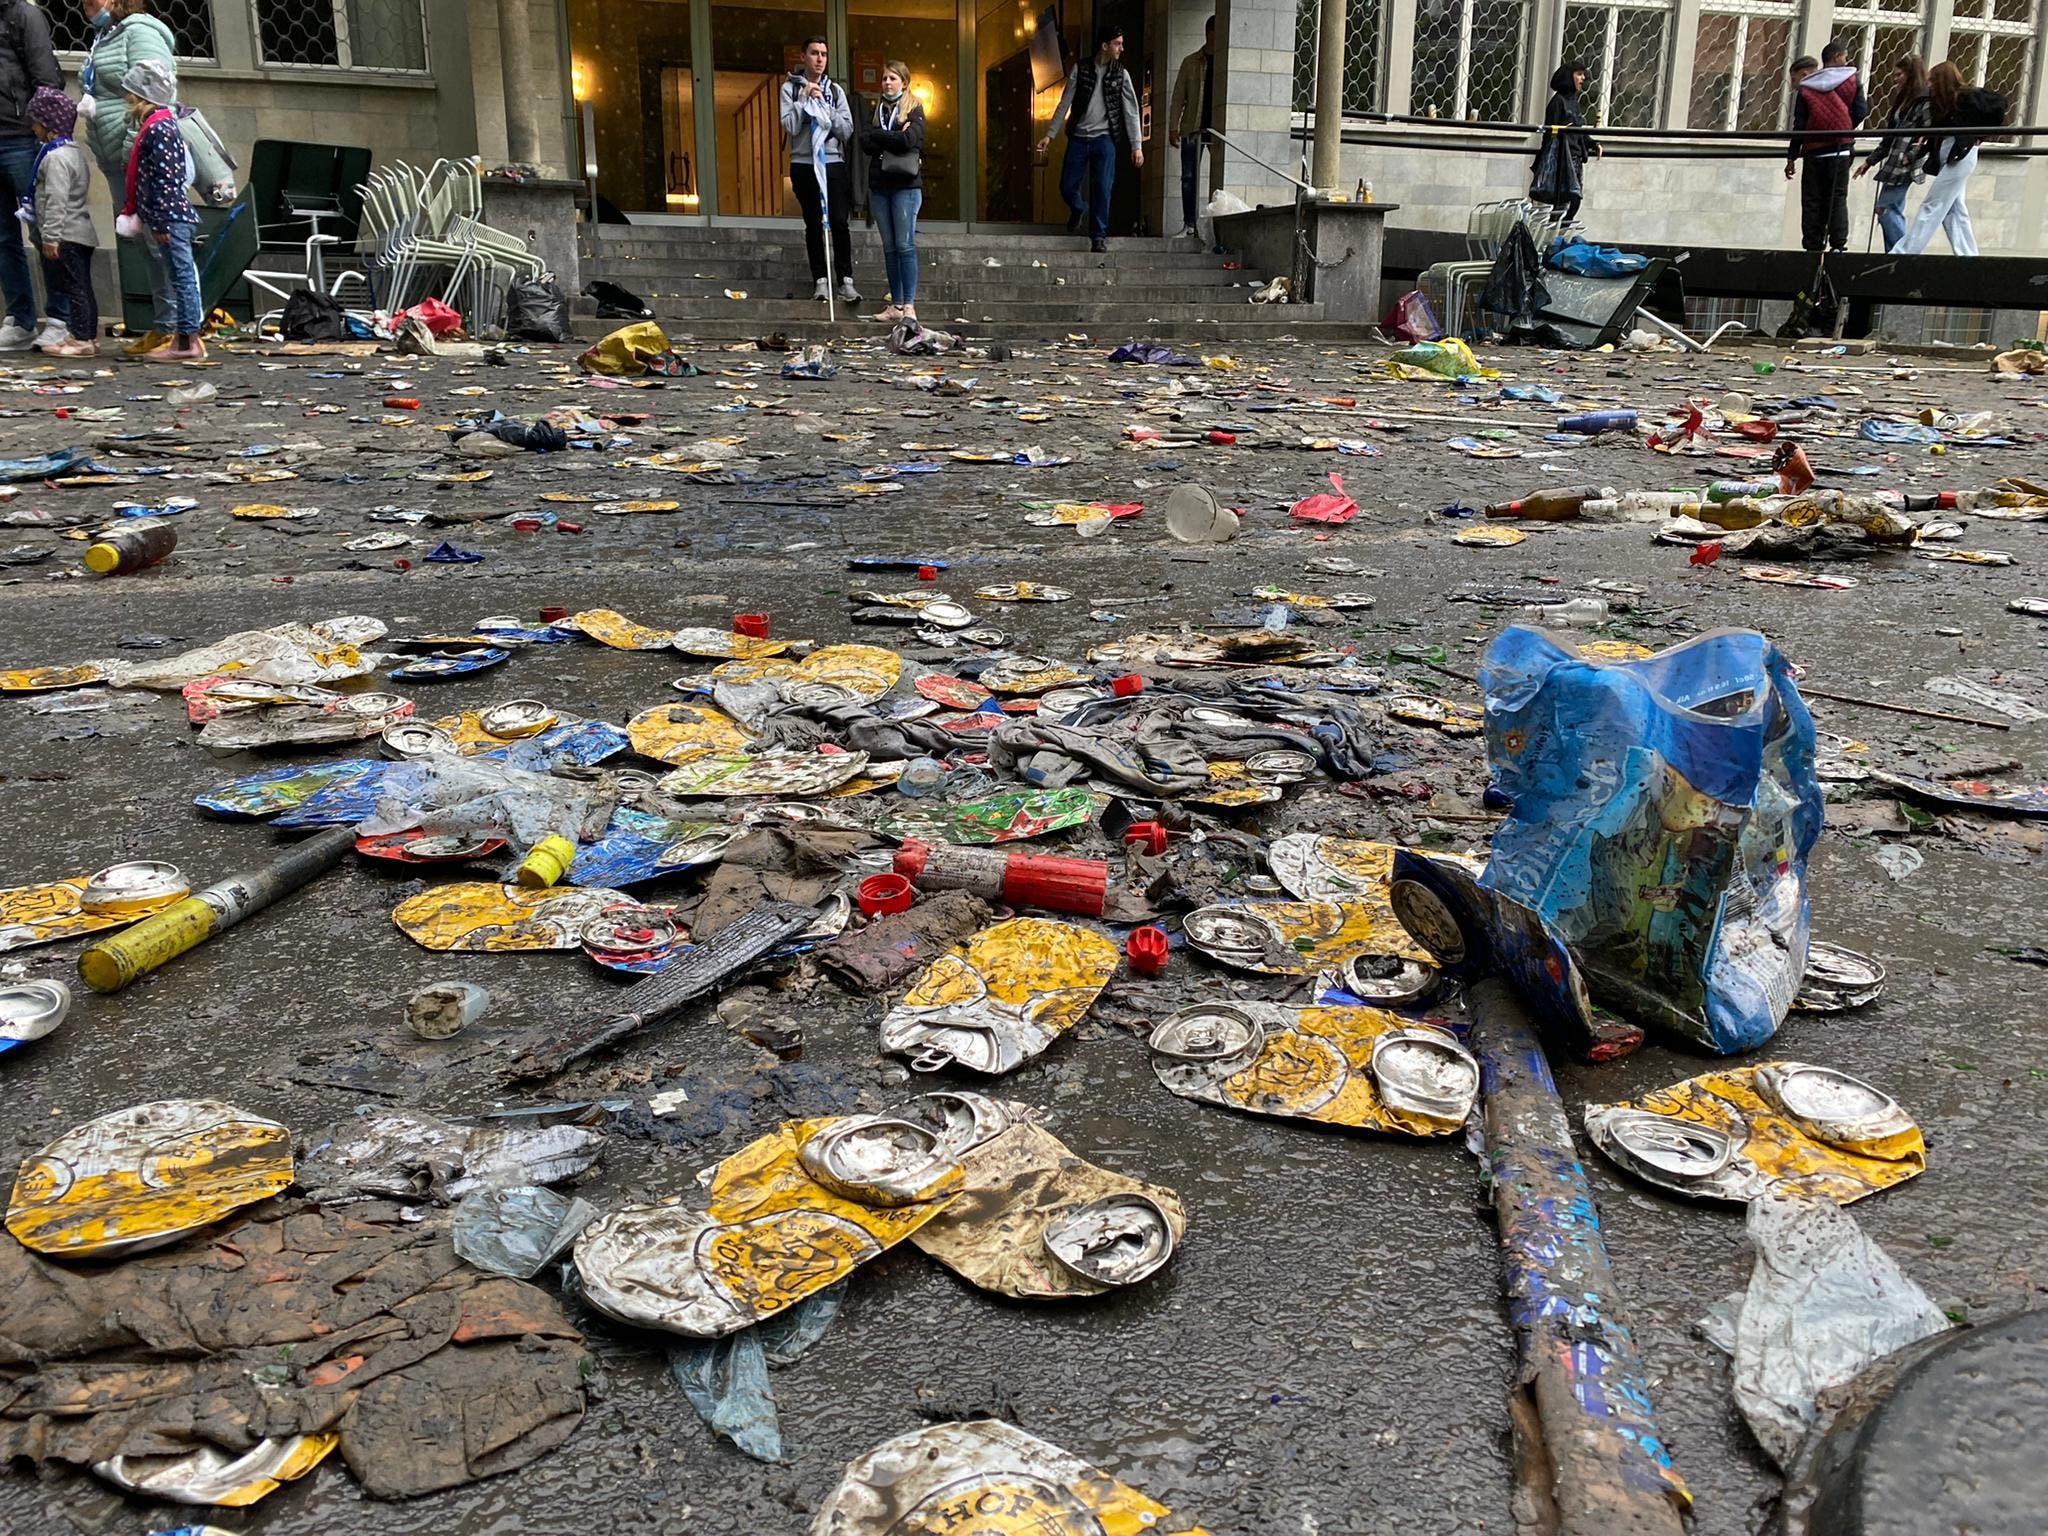 Müll im Vögeligärtli.